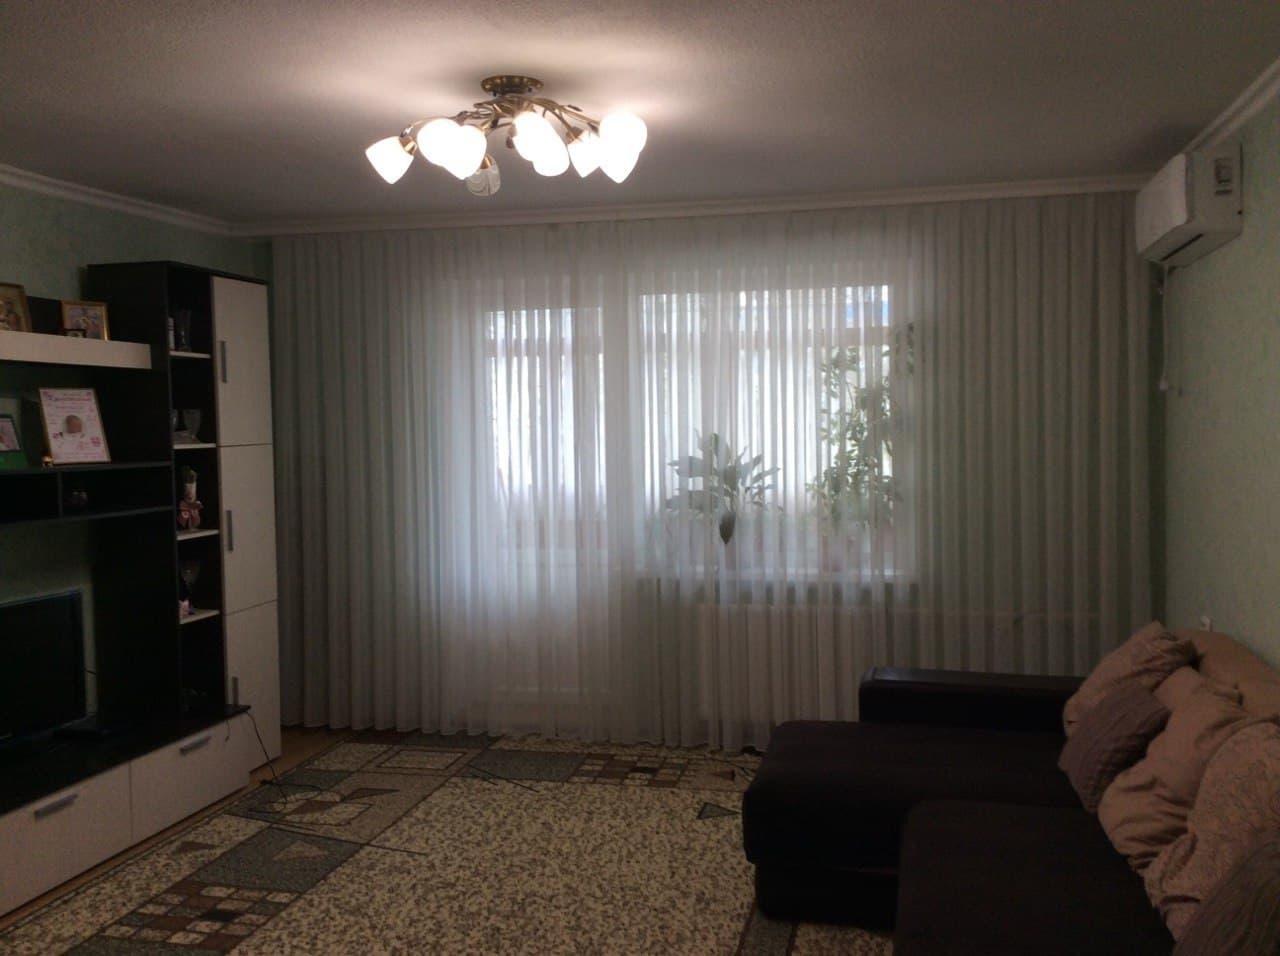 Квартира 3 комнатная в г. Майкоп район Михайлова